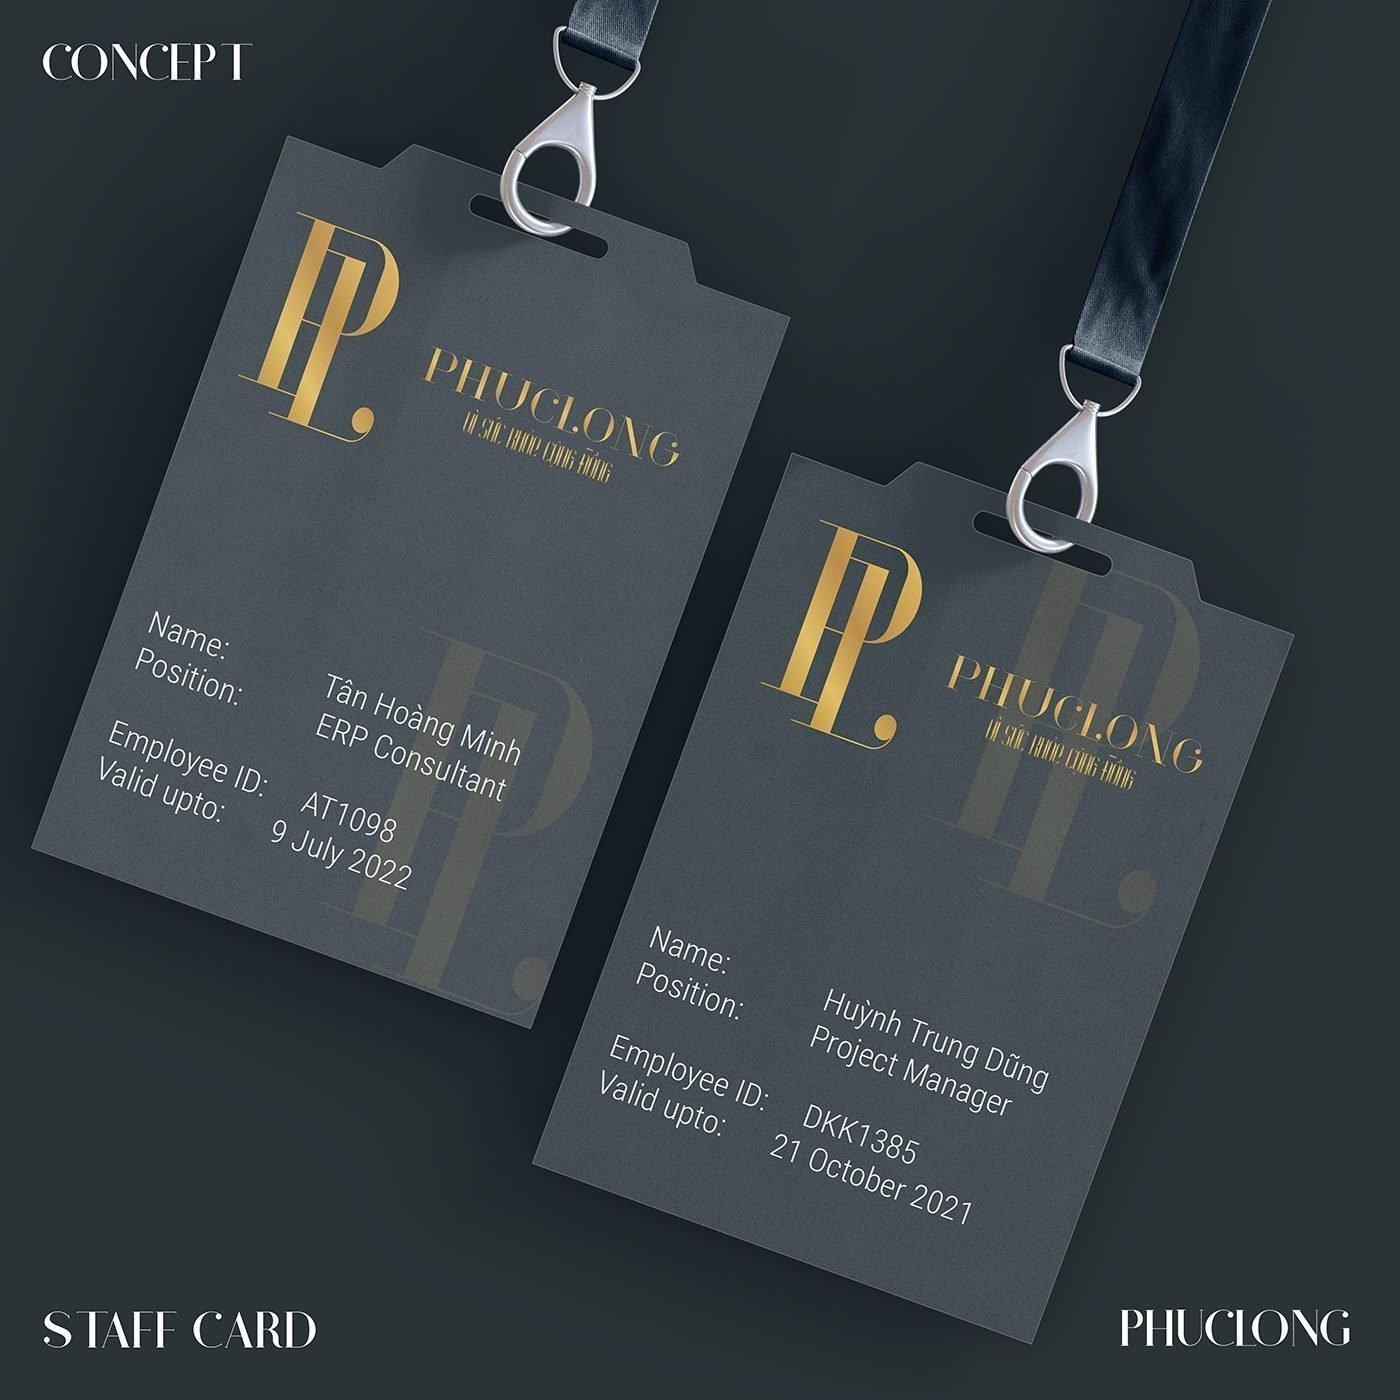 thẻ đeo nhận viên thiết kế branding cho thương hiệu thiết kế nhận diện thương hiệu xây dựng logo doanh nghiệp thiết kế ấn phẩm quảng cáo thương hiệu thiết kế Helixgram Saigon